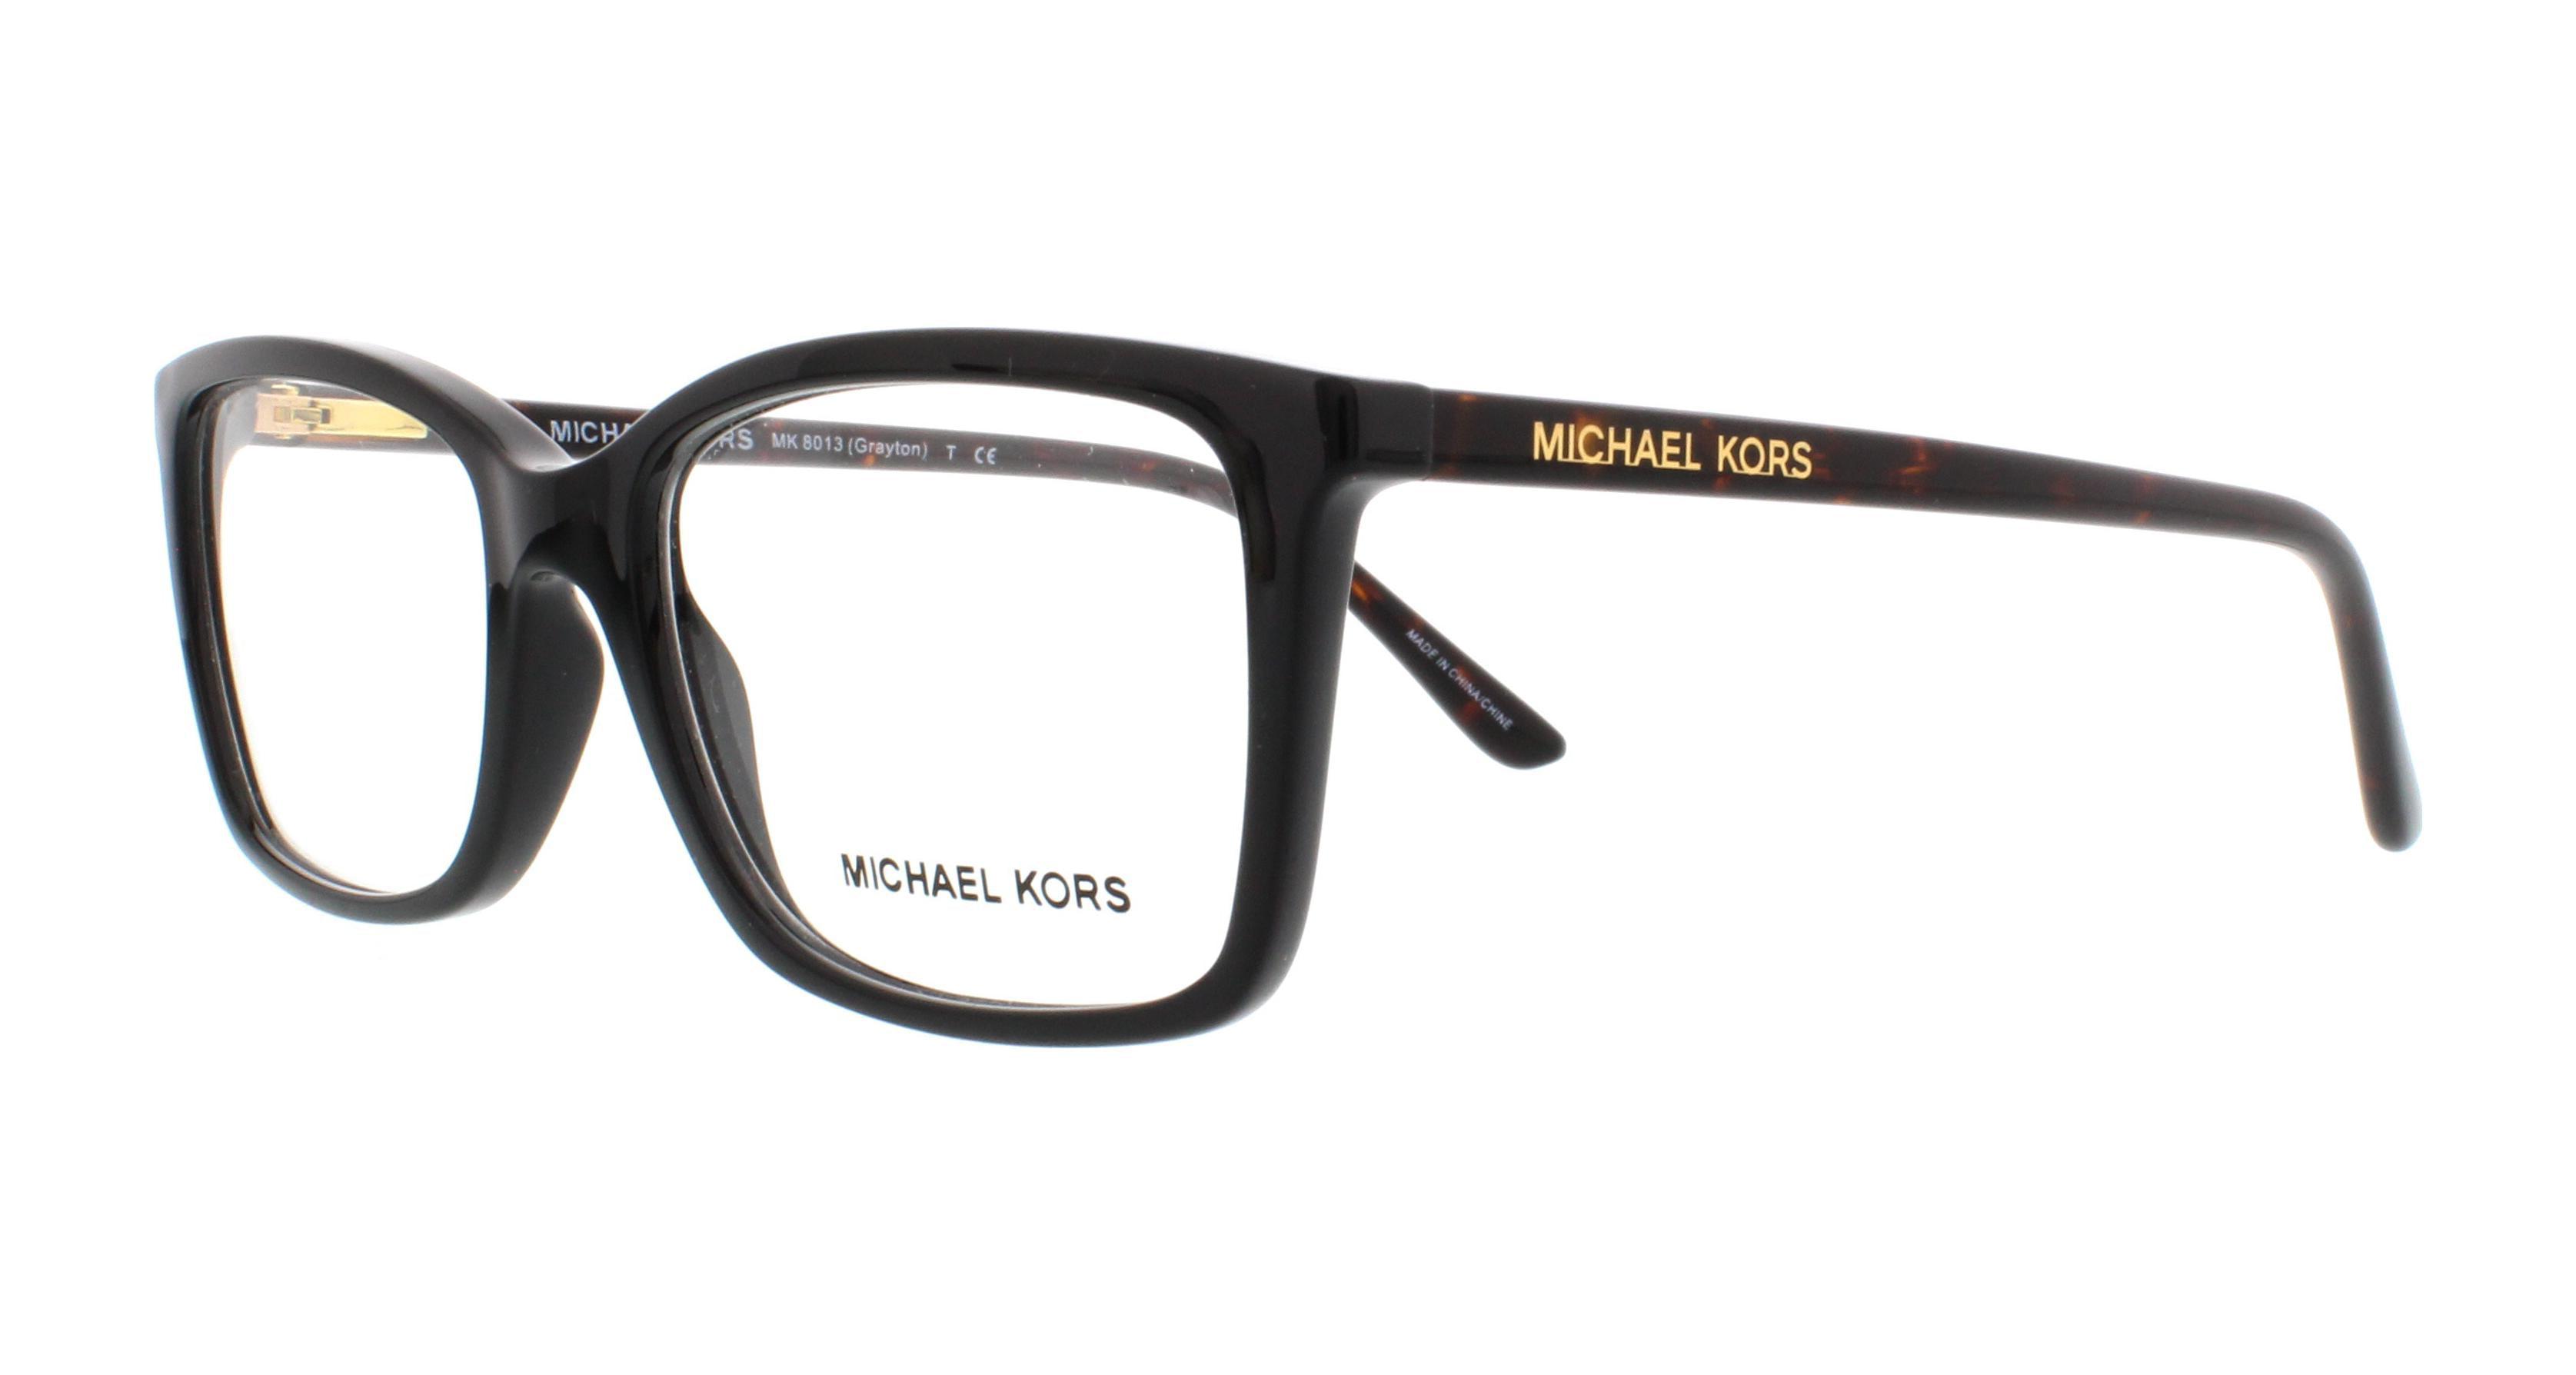 michael kors eyeglasses mk8013 grayton 3056 black tortoise 51mm walmartcom - Michael Kors Eyeglasses Frames